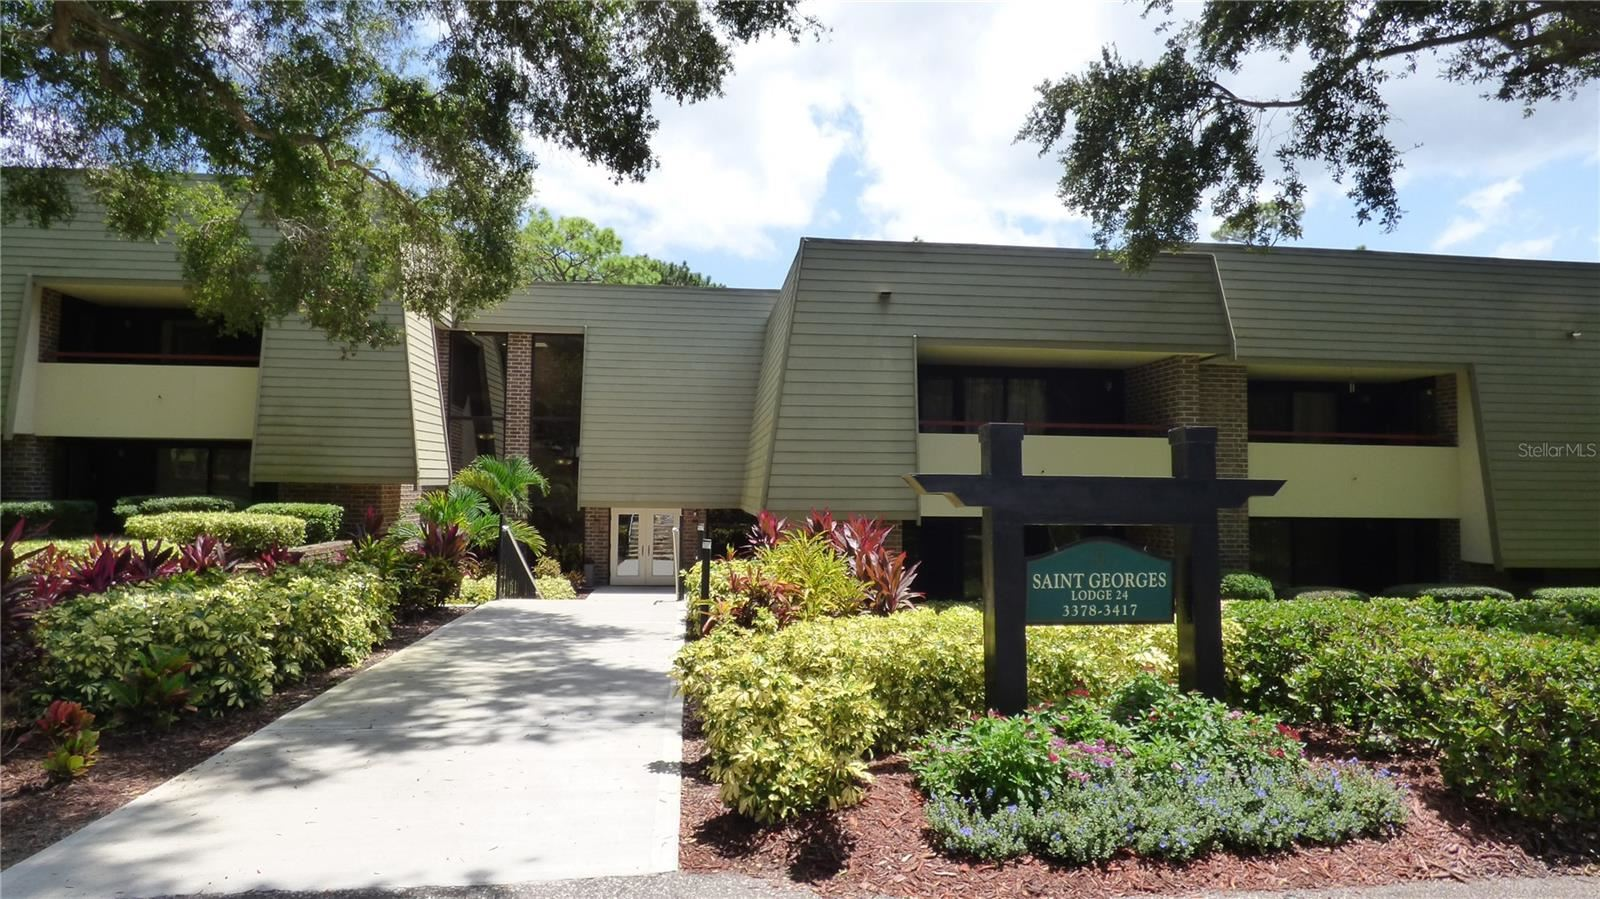 36750 US HIGHWAY 19 N #24212, Palm Harbor, FL 34684 - #: U8130121